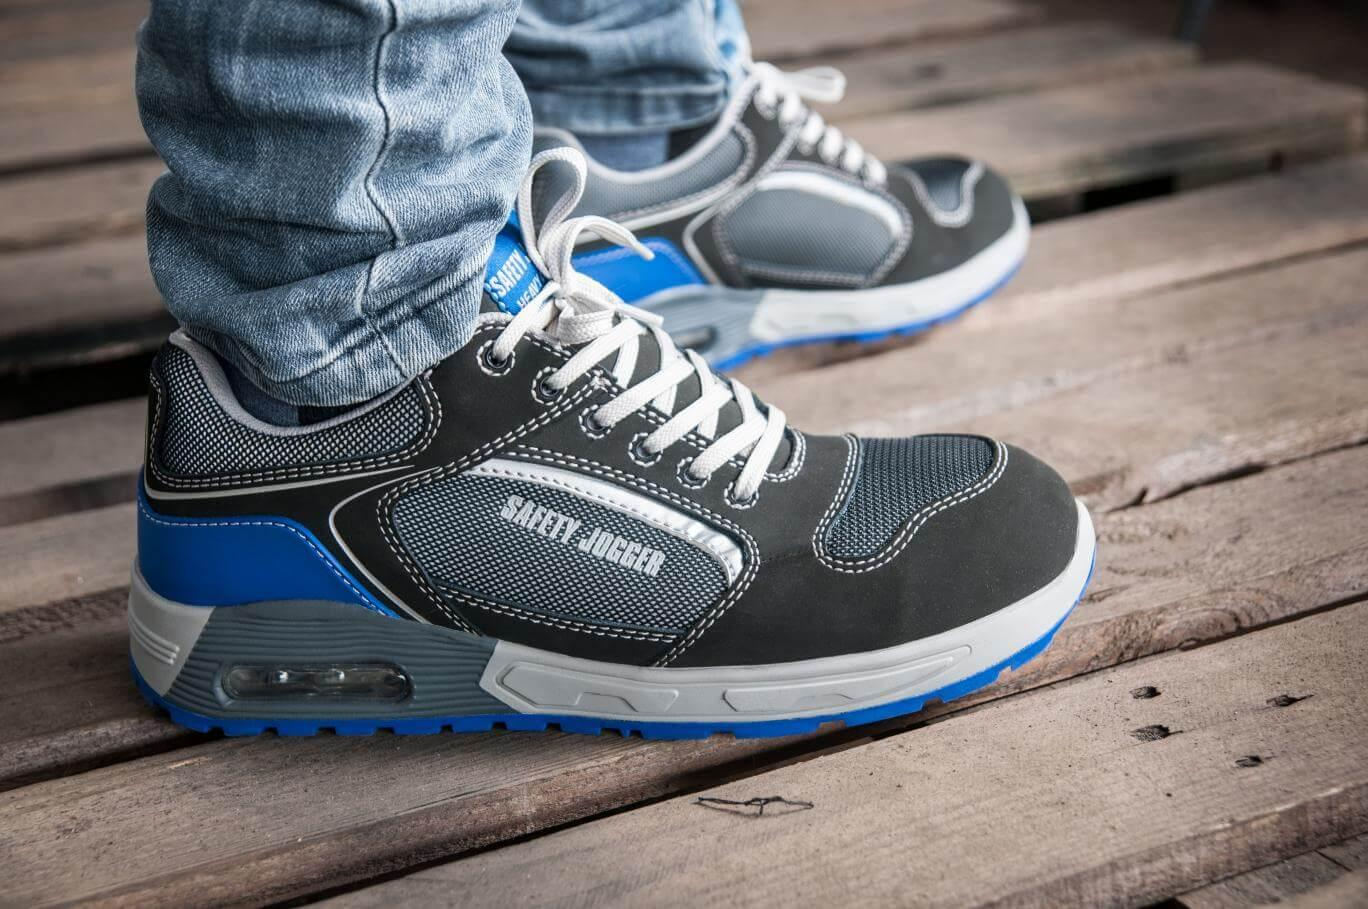 Lựa chọn giày bảo hộ thể thao tại Long Châu tại sao không?